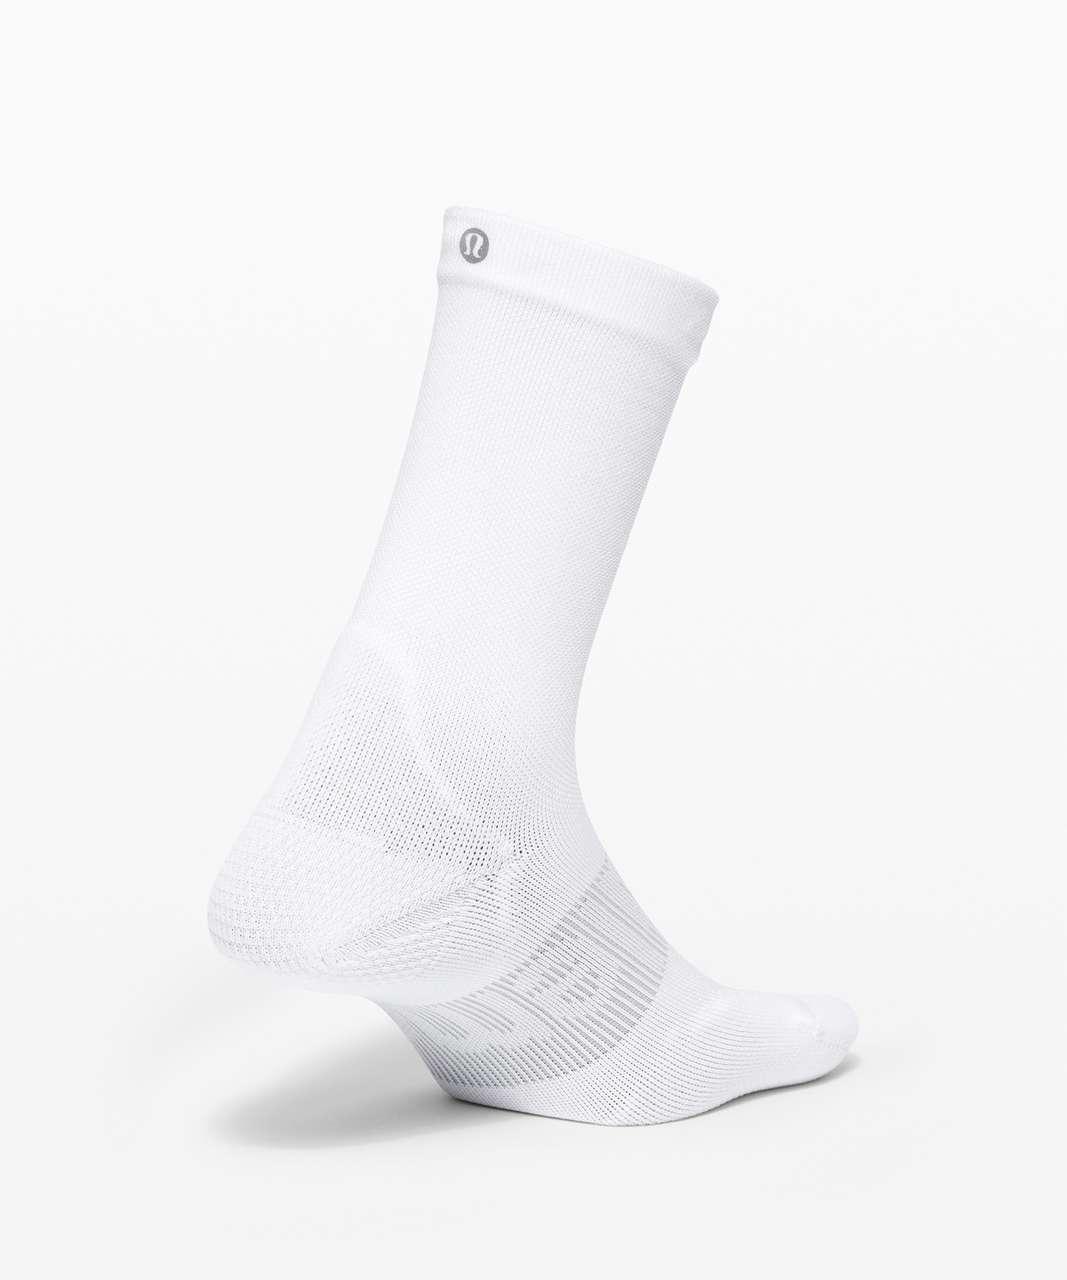 Lululemon Power Stride Crew Sock *Wordmark - White